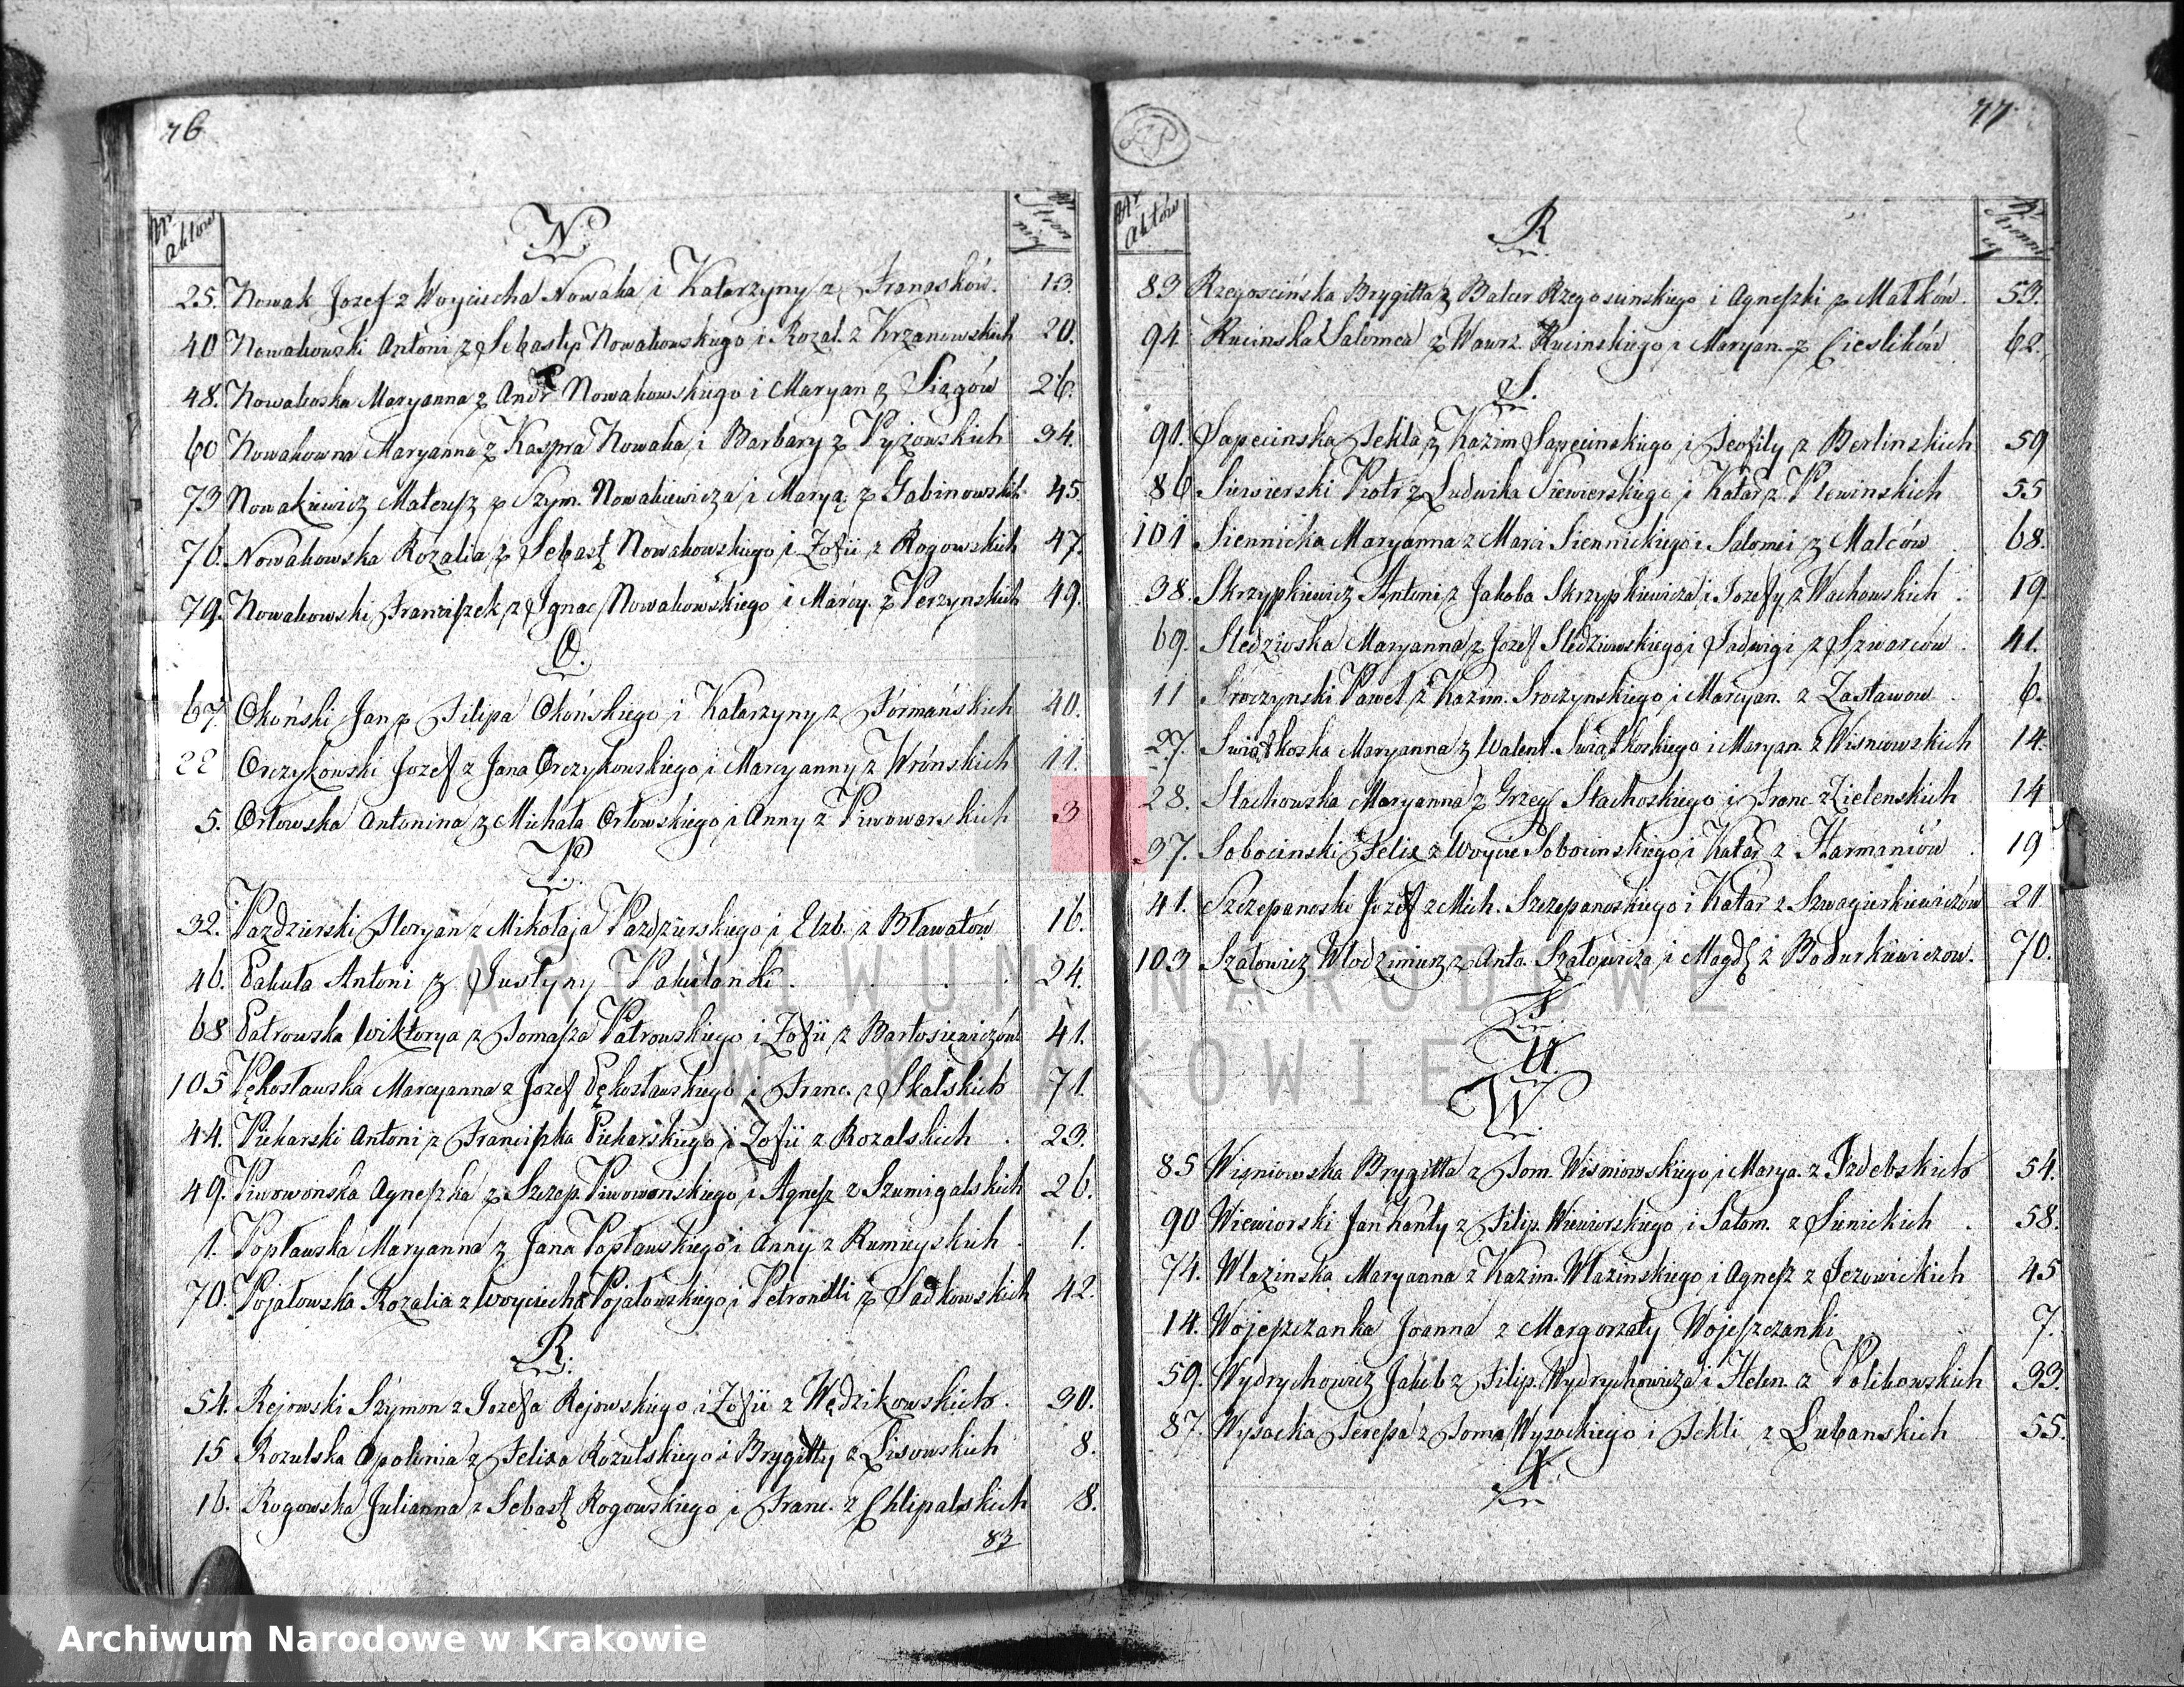 Skan z jednostki: Księga do zapisywania Aktow Stanu Cywilnego Urodzin, Uznania i Przysposobienia dla Parafij S. Floryana na Kleparzu przy Krakowie. od dnia 1go Stycznia 1812 Ru zaczynaiąca się